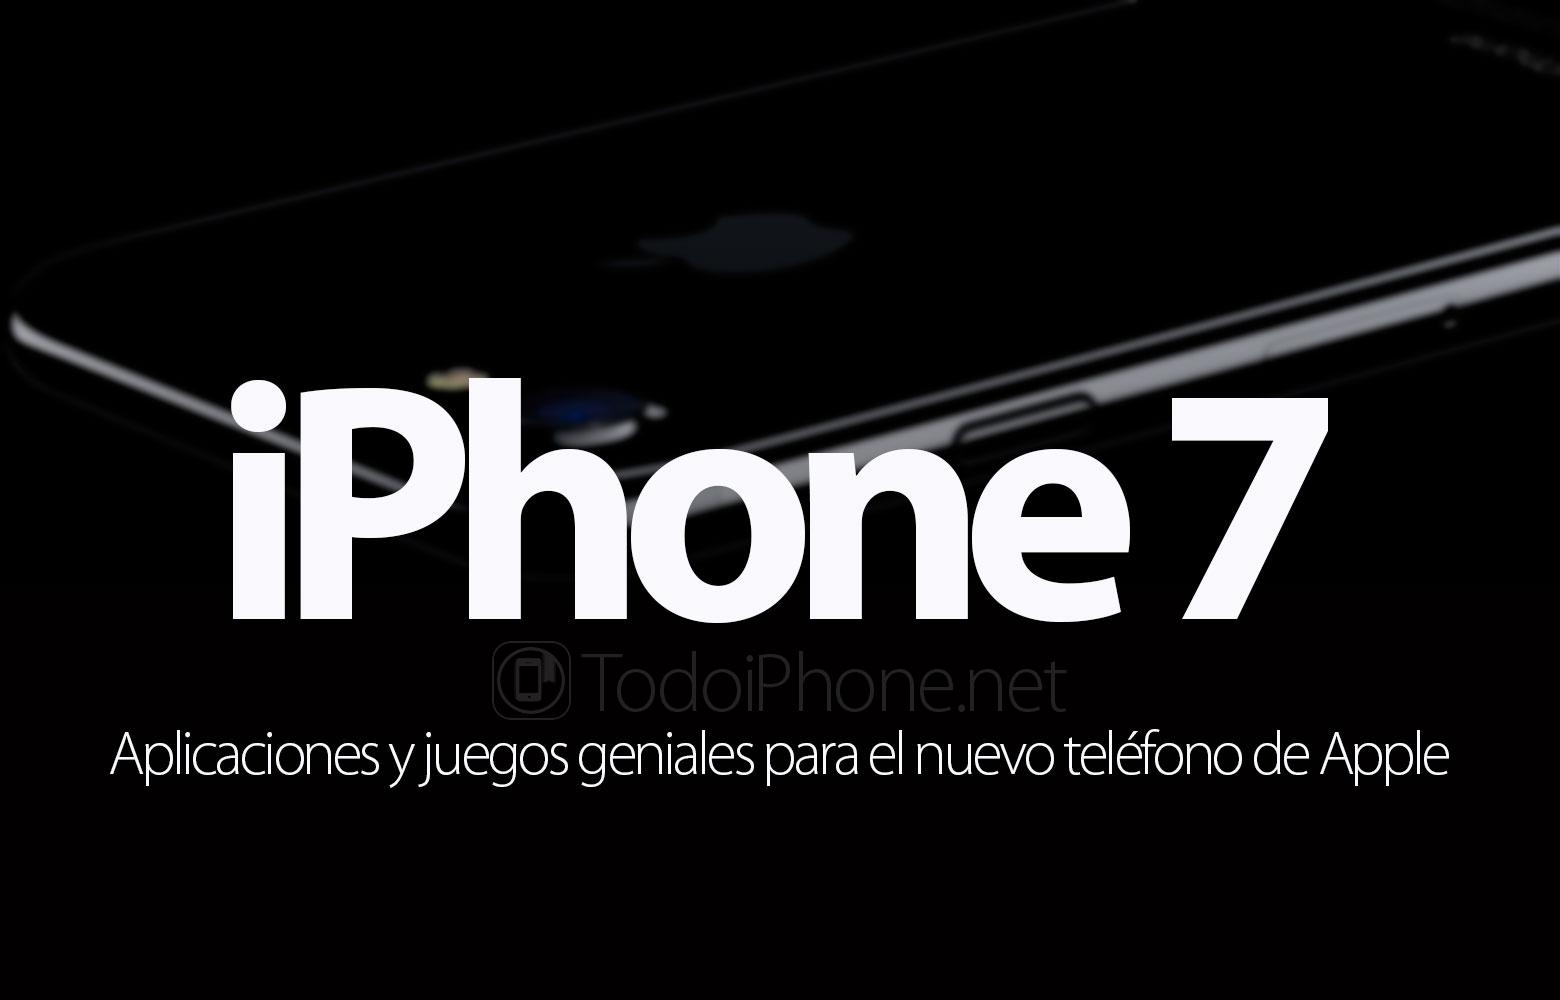 iPhone 7: Des applications incroyables pour le nouveau téléphone Apple 1